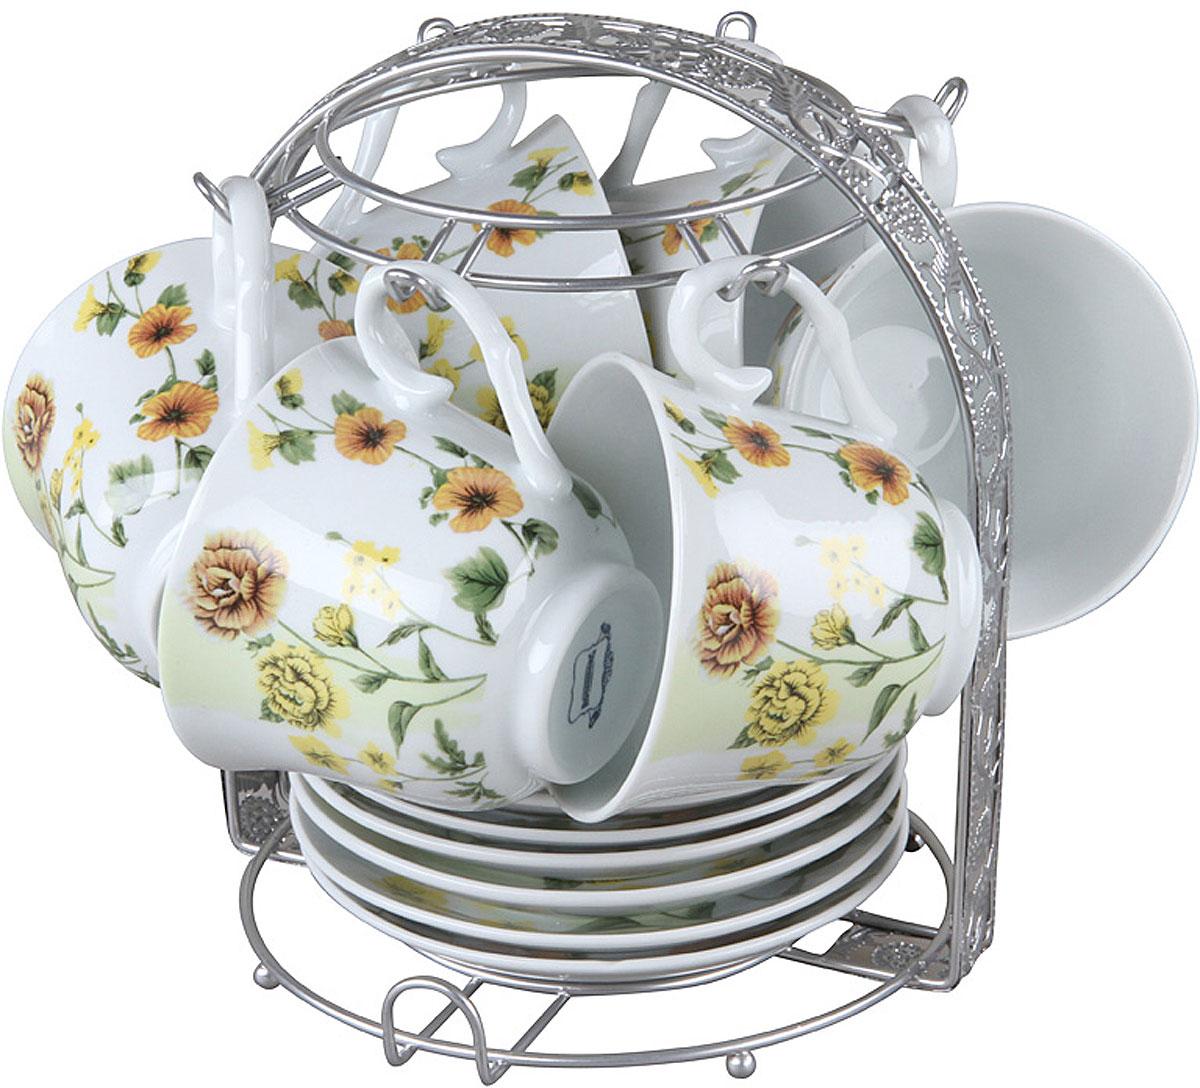 Чайный набор Rosenberg RPO-115025-13 изготовлен из фарфора и дополнен дизайнерским рисунком.  Посуда из этого материала позволяет максимально сохранить полезные свойства и вкусовые качества воды.  Заварите крепкий, ароматный чай или кофе в представленном наборе, и вы получите заряд бодрости, позитива и энергии на весь день! Классическая форма и насыщенная цветовая гамма изделий позволят наслаждаться любимым напитком в атмосфере еще большей гармонии и эмоциональной наполненности.  Оцените преимущества чайного набора: Выполнен из качественного материала.  Украшен цветочным узором, поэтому не останется незамеченным.  Является прекрасным подарком для ваших родных и близких.  В комплект входят 13 предметов, включая подставку.  О бренде Rosenberg Огромный ассортимент продукции, качественные материалы и ценовая доступность это основополагающие принципы успеха данного торгового знака на Российском рынке.  По данным начала 2009 года именно Rosenberg являлся самым динамично развивающимся брендом, который всего за 4 года вывел в продажу более 2,5 тысяч наименований товаров.